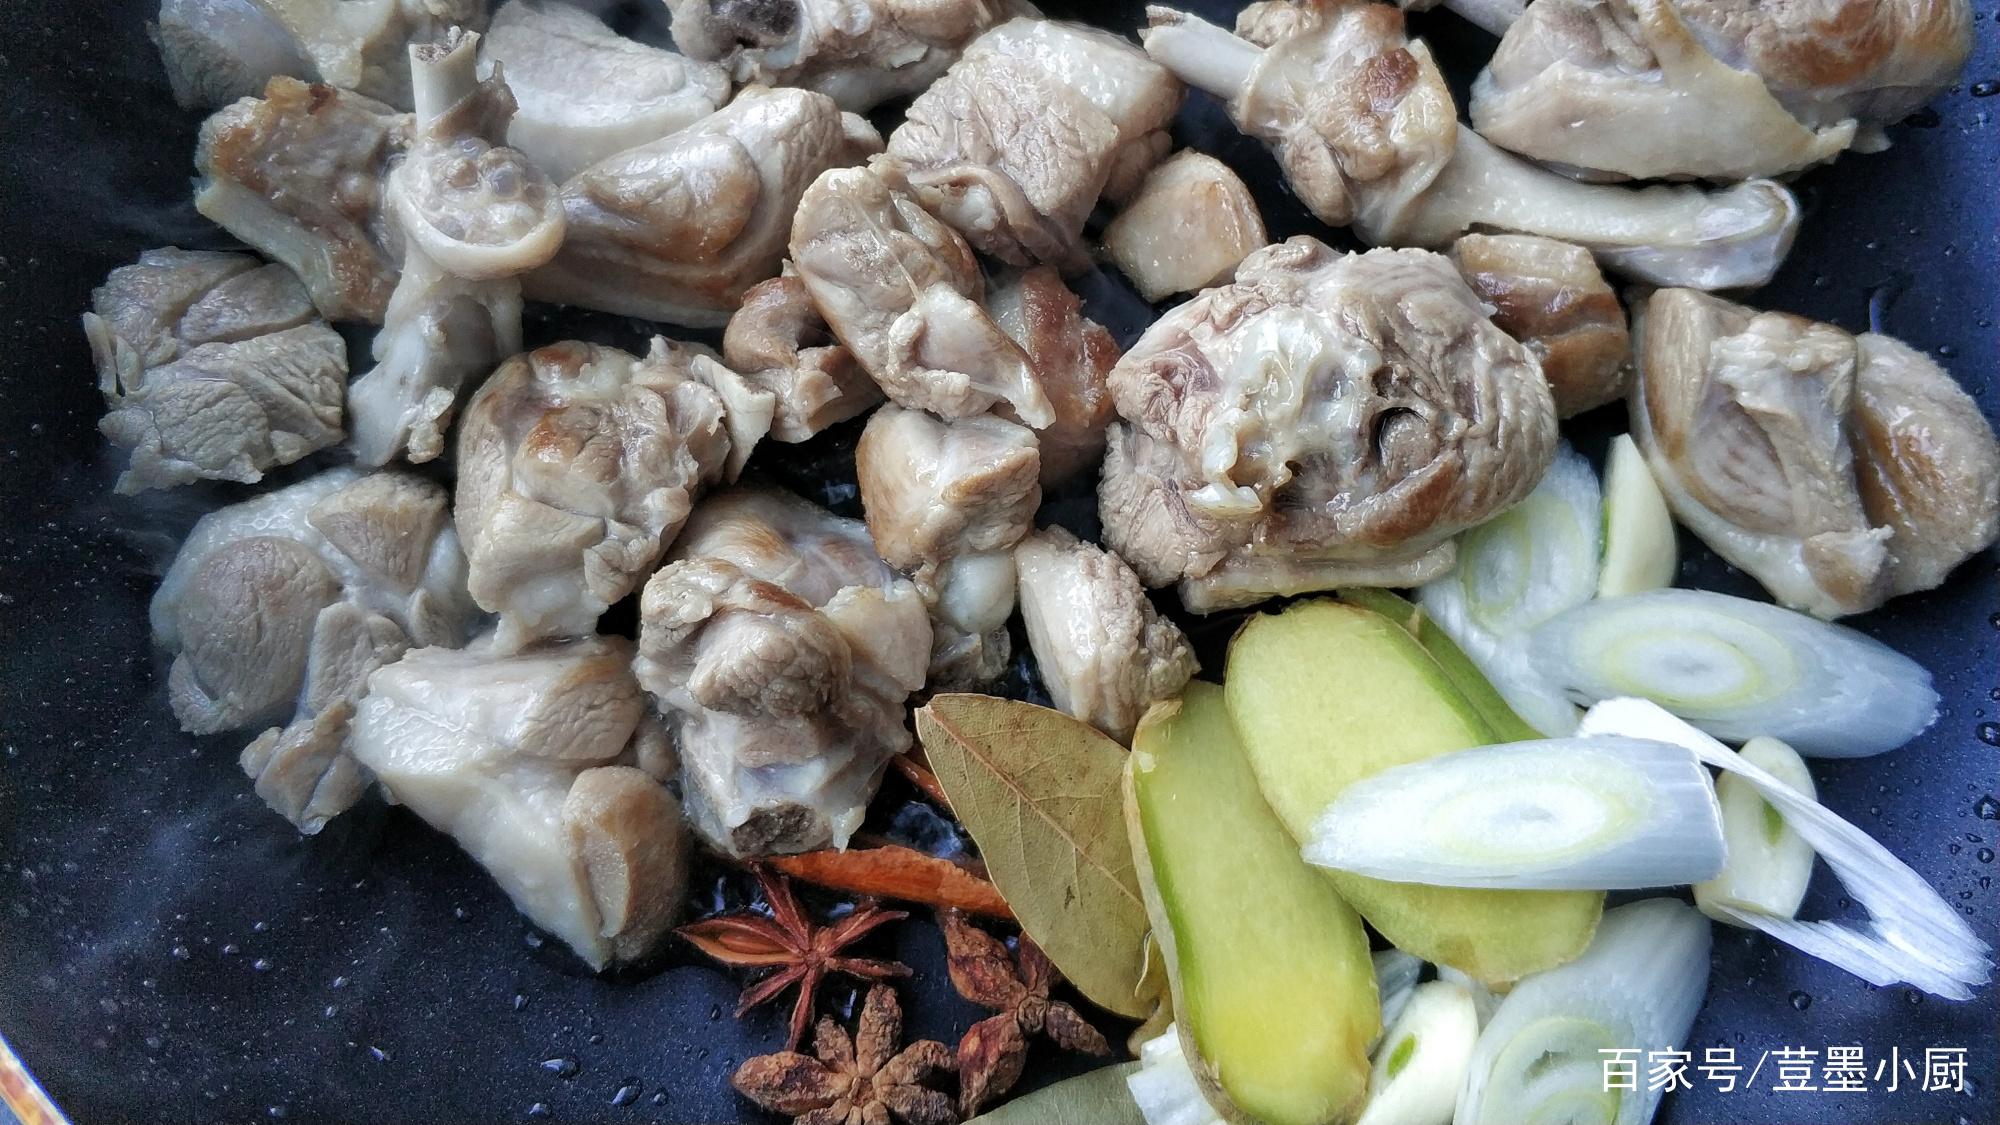 冬季进补多吃这肉,9块钱1斤,不加1滴水,简单一焖香到舔盘子